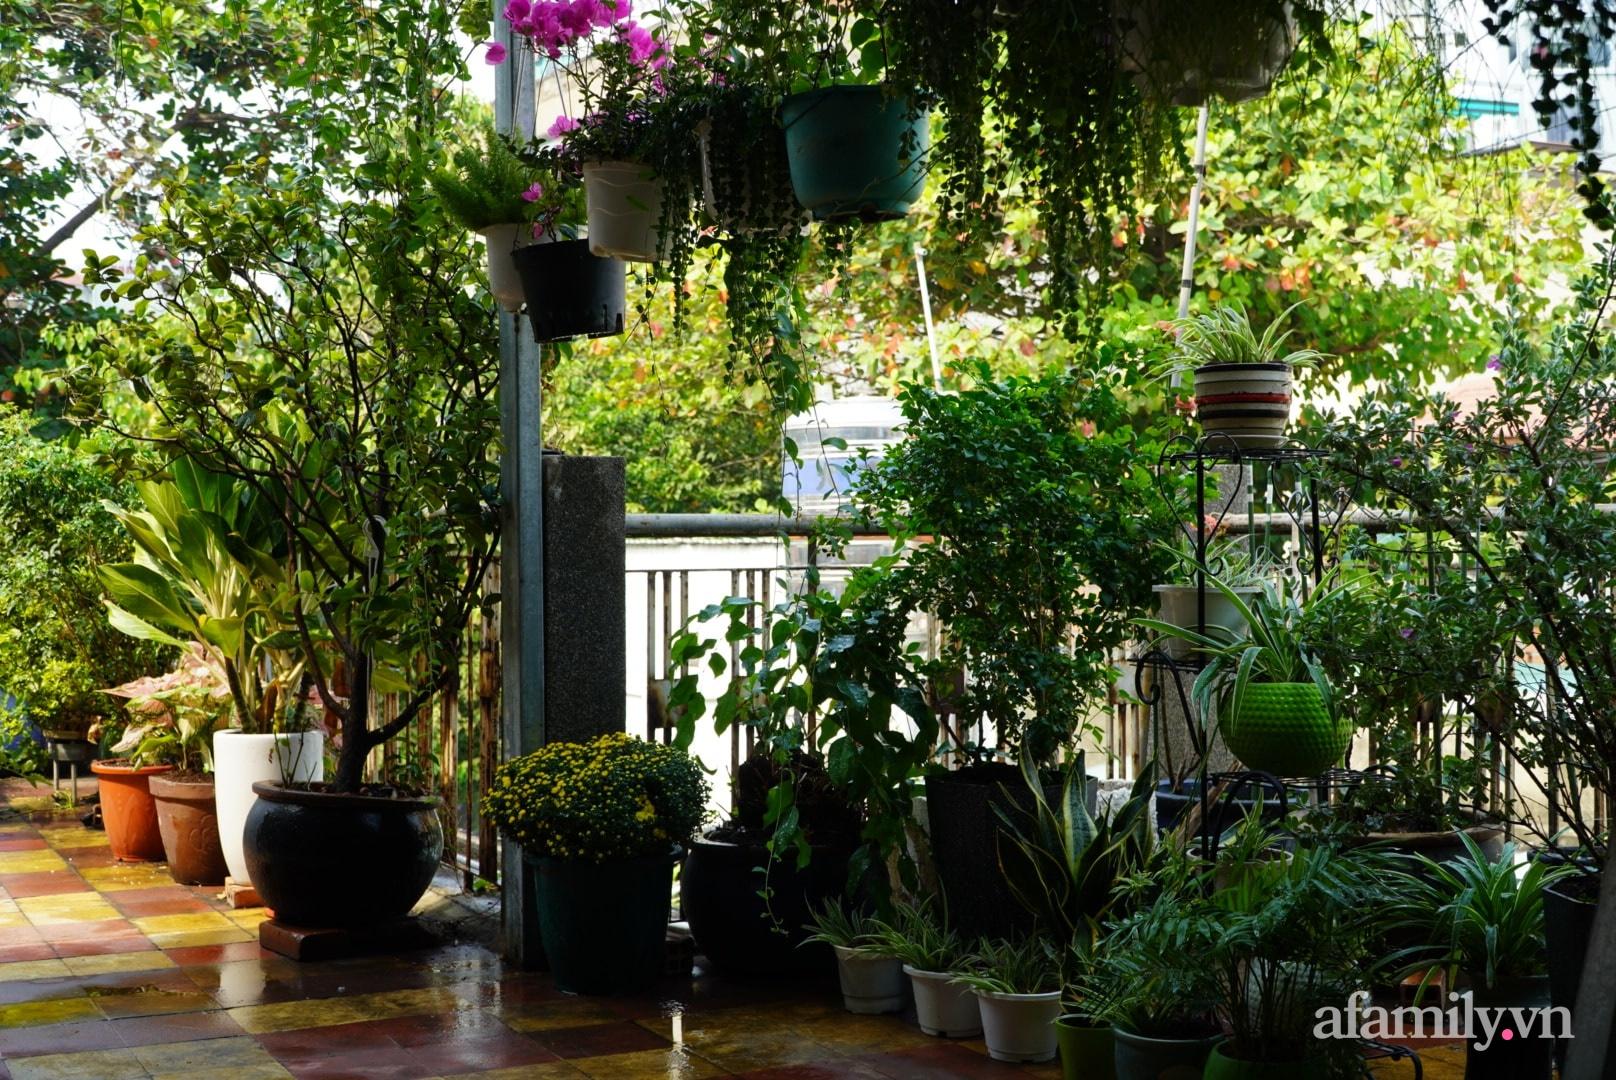 Lương khởi điểm 8 triệu, người phụ nữ sớm sở hữu 5 bất động sản ở Sài Gòn tiết lộ 6 bí kíp mua nhà thông thái ai cũng nên nắm trong lòng bàn tay - Ảnh 3.